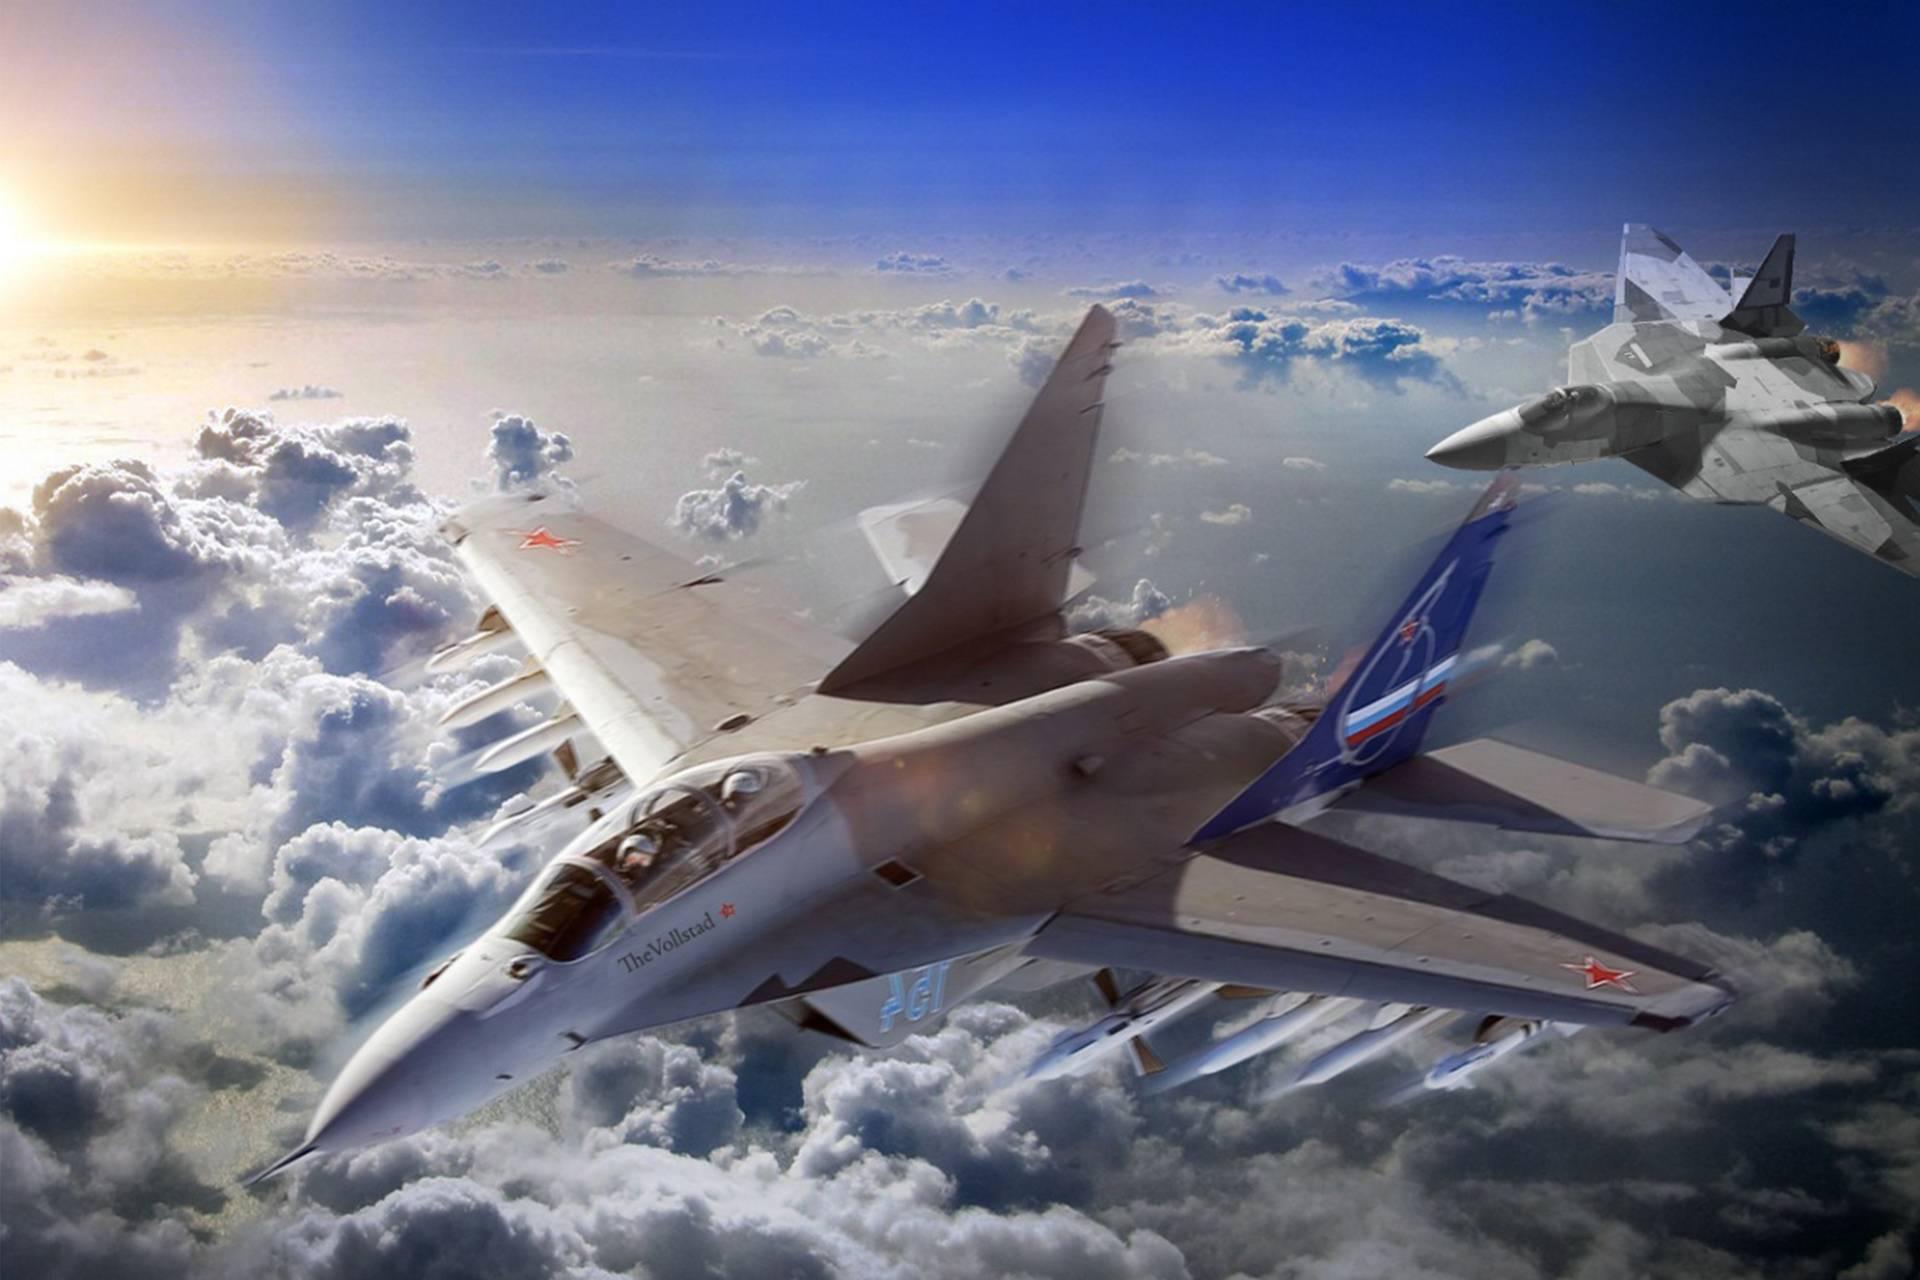 достопримечательности фотообои самолеты россии вискозное трикотажное